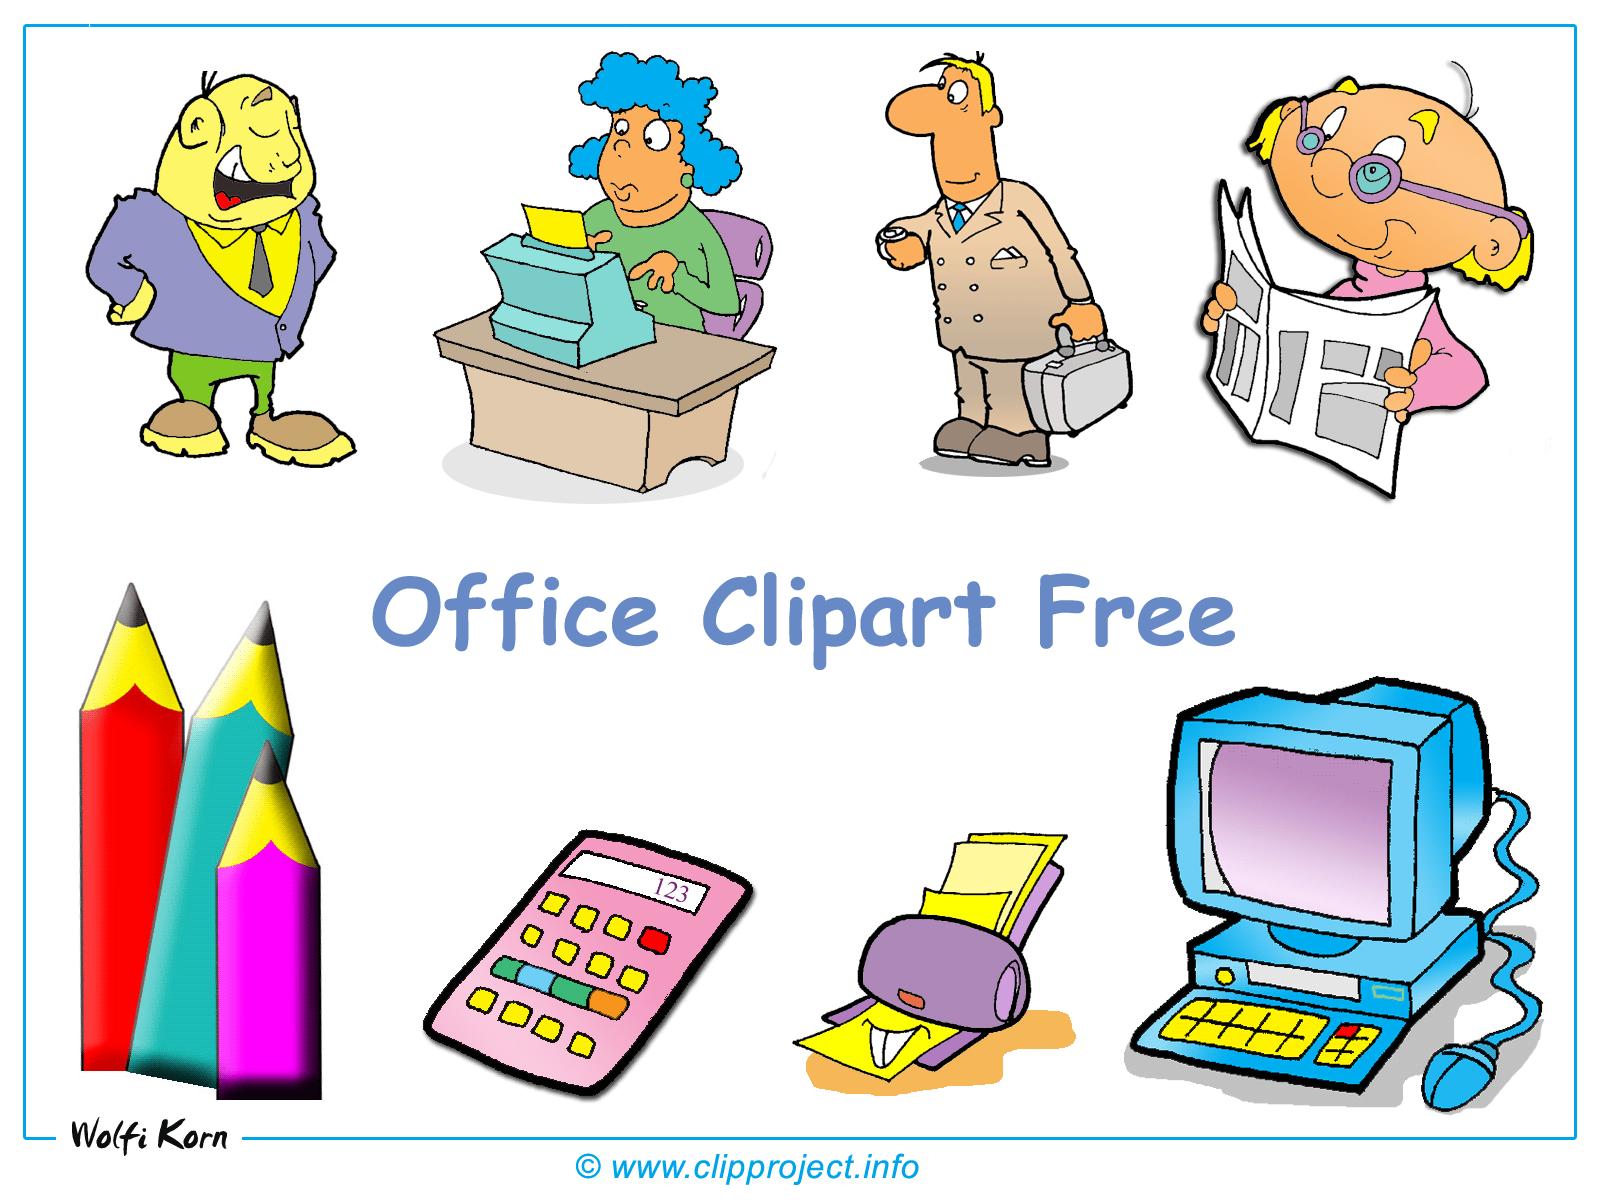 Clipart gallery kostenlos.